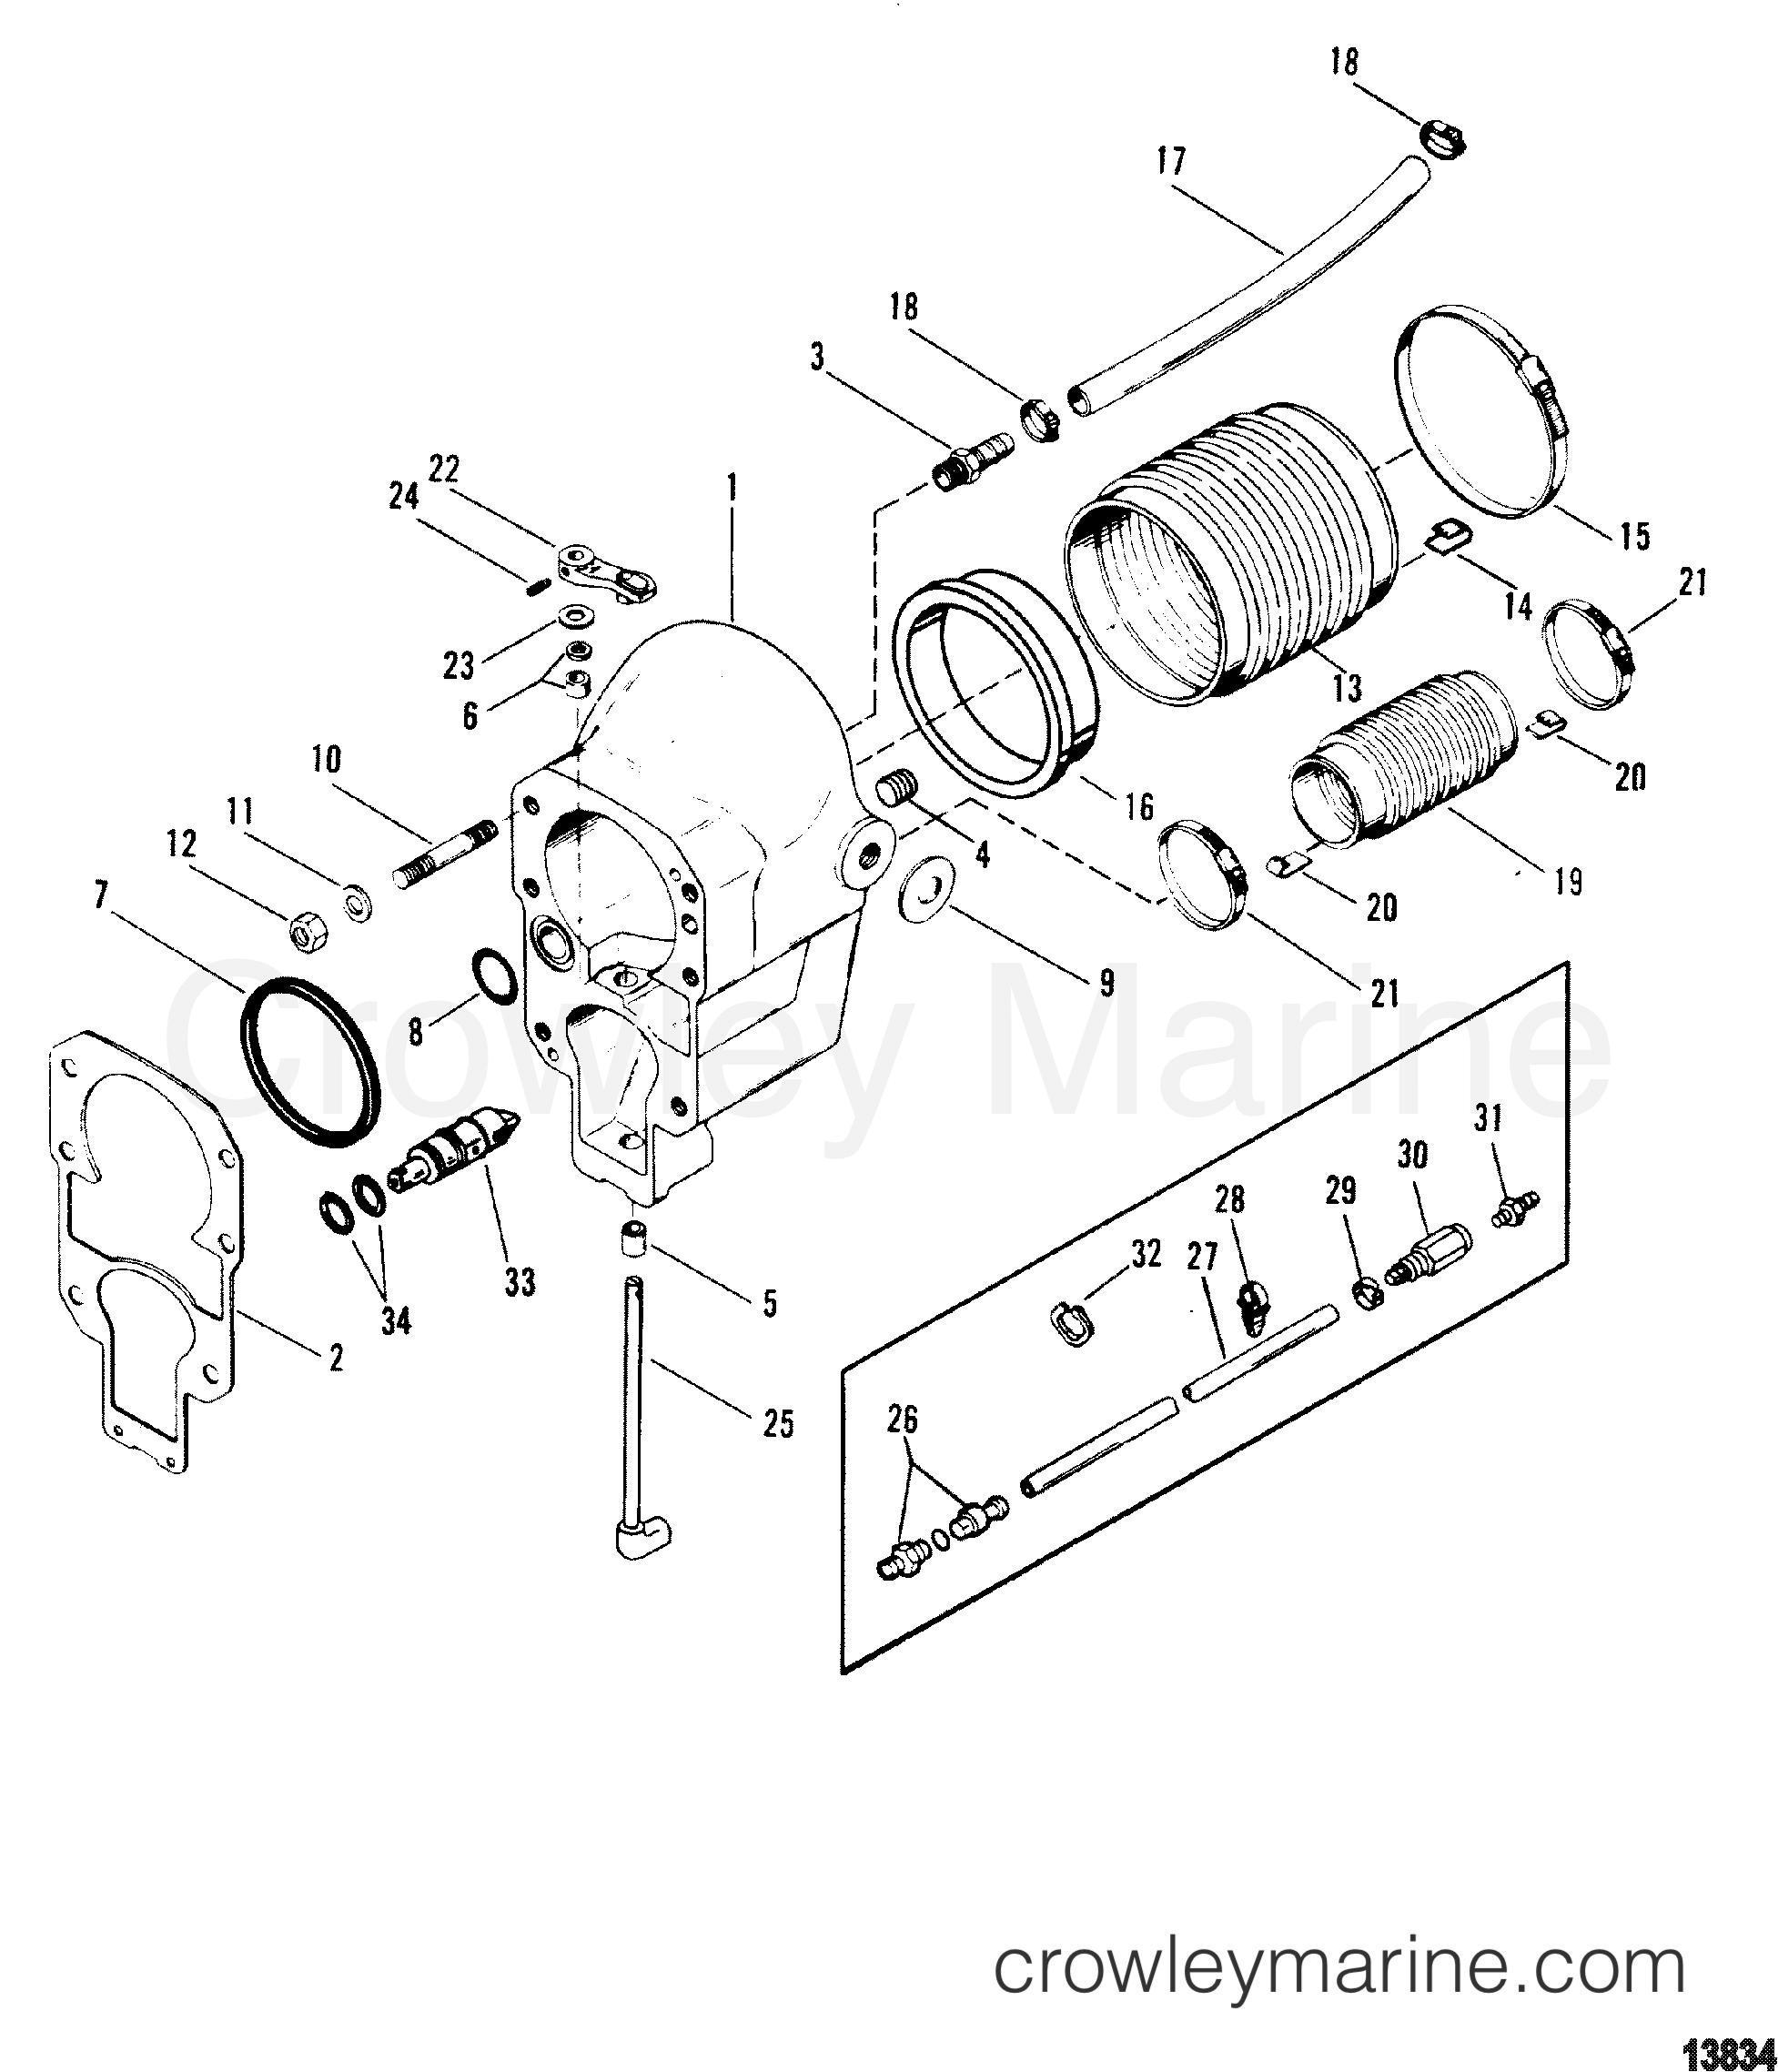 2003 pontiac bonneville belt diagram html